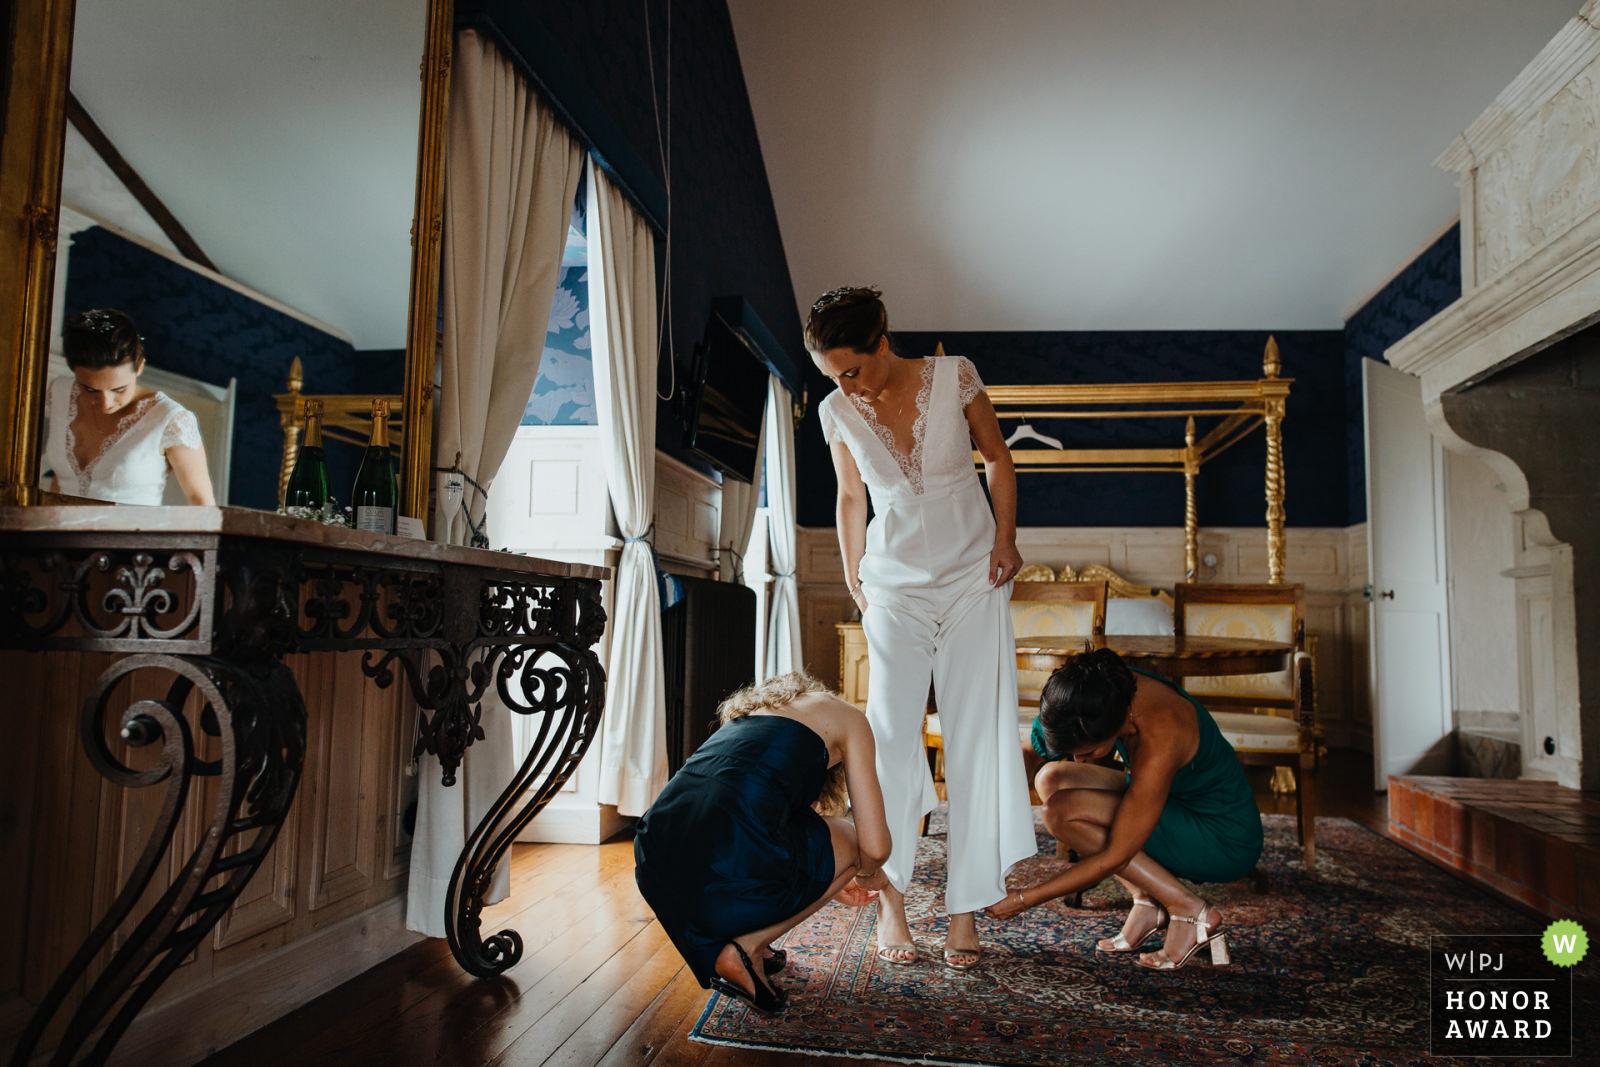 photographe-mariage-rhonealpeswpja-charleneaubert.jpg